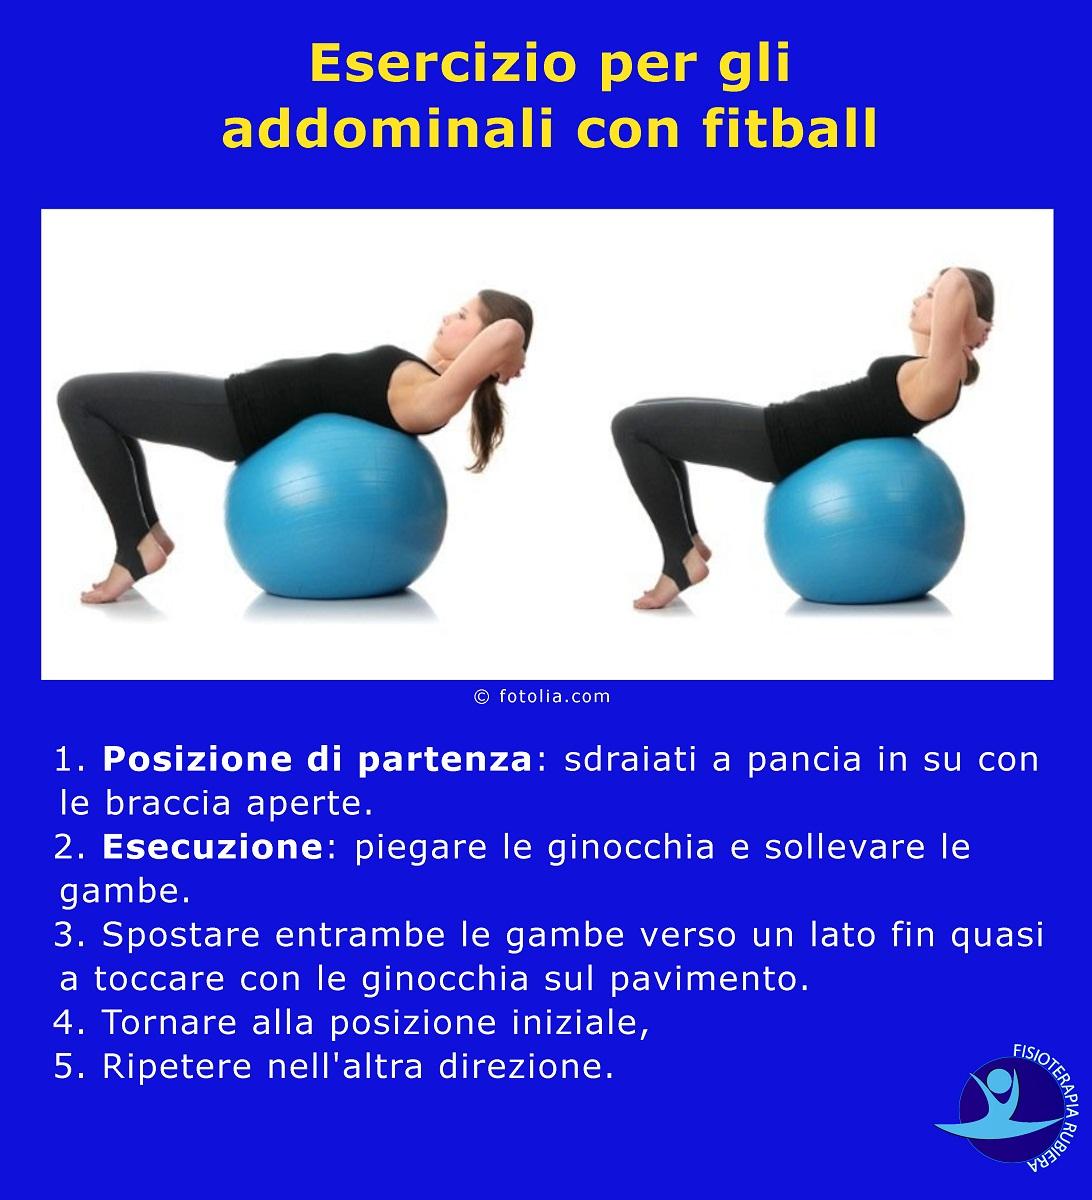 Esercizio-per-gli-addominali-con-fitball